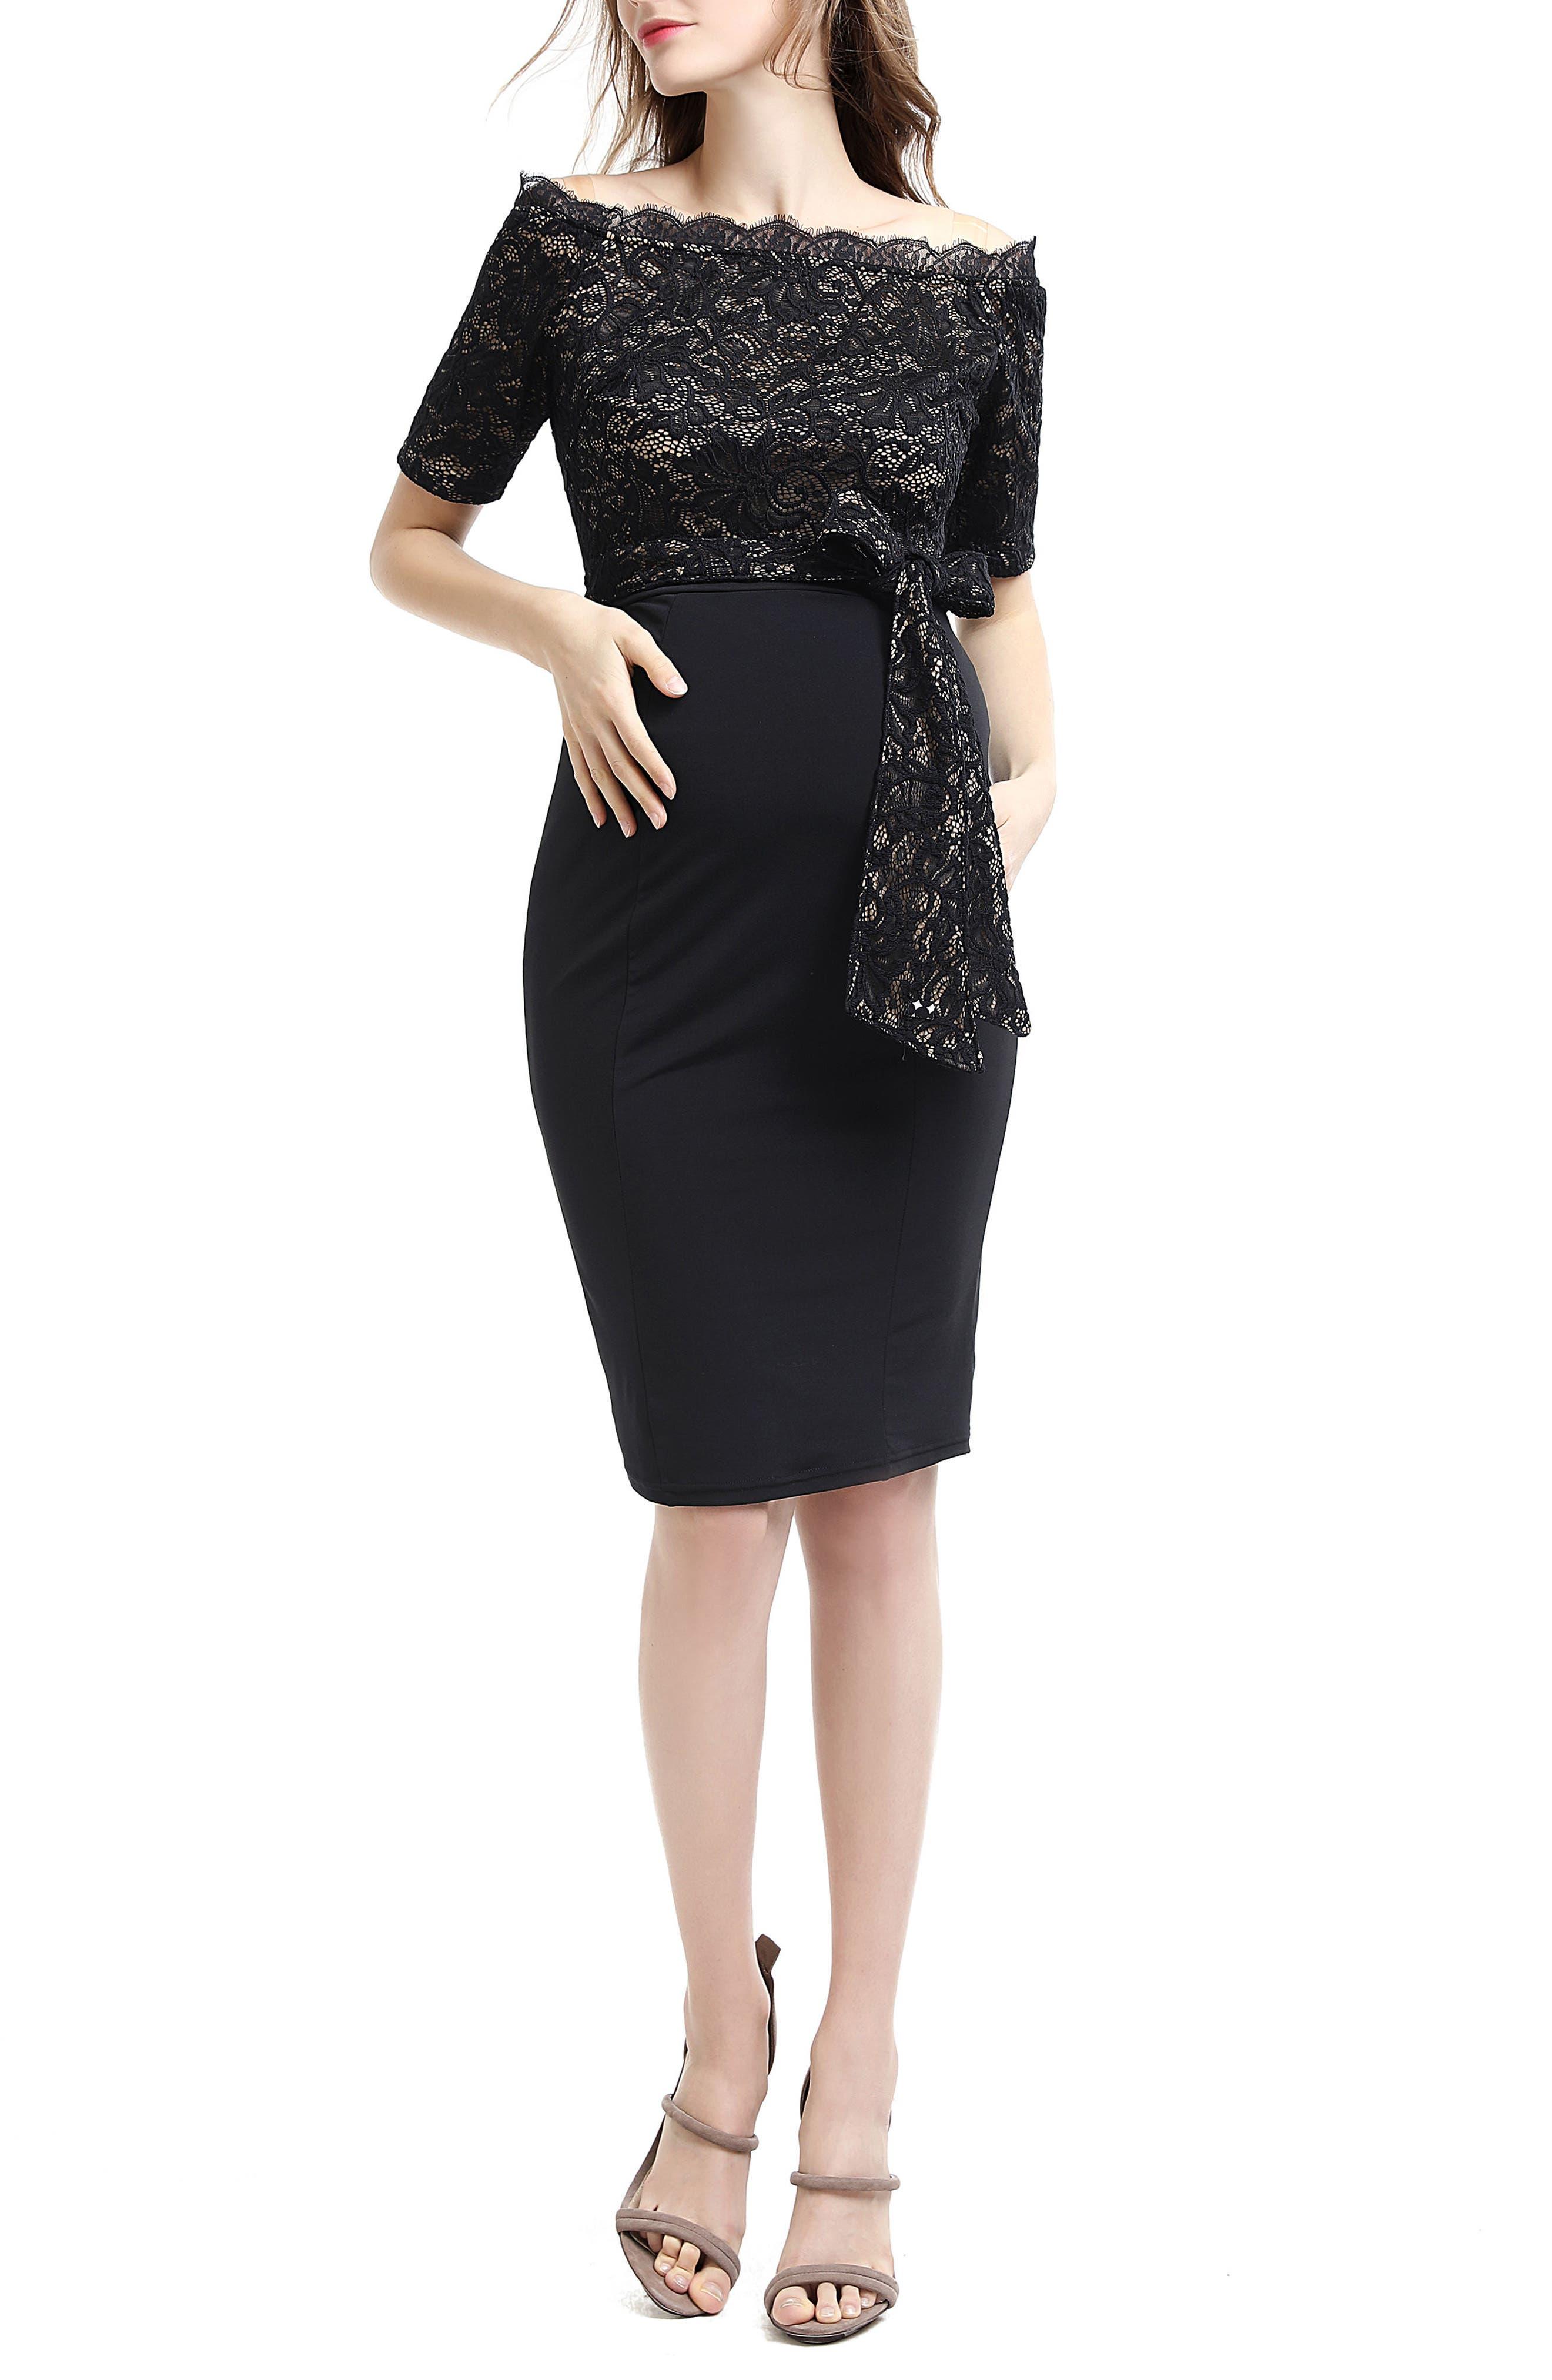 Madeline Off the Shoulder Maternity Dress,                         Main,                         color, Black